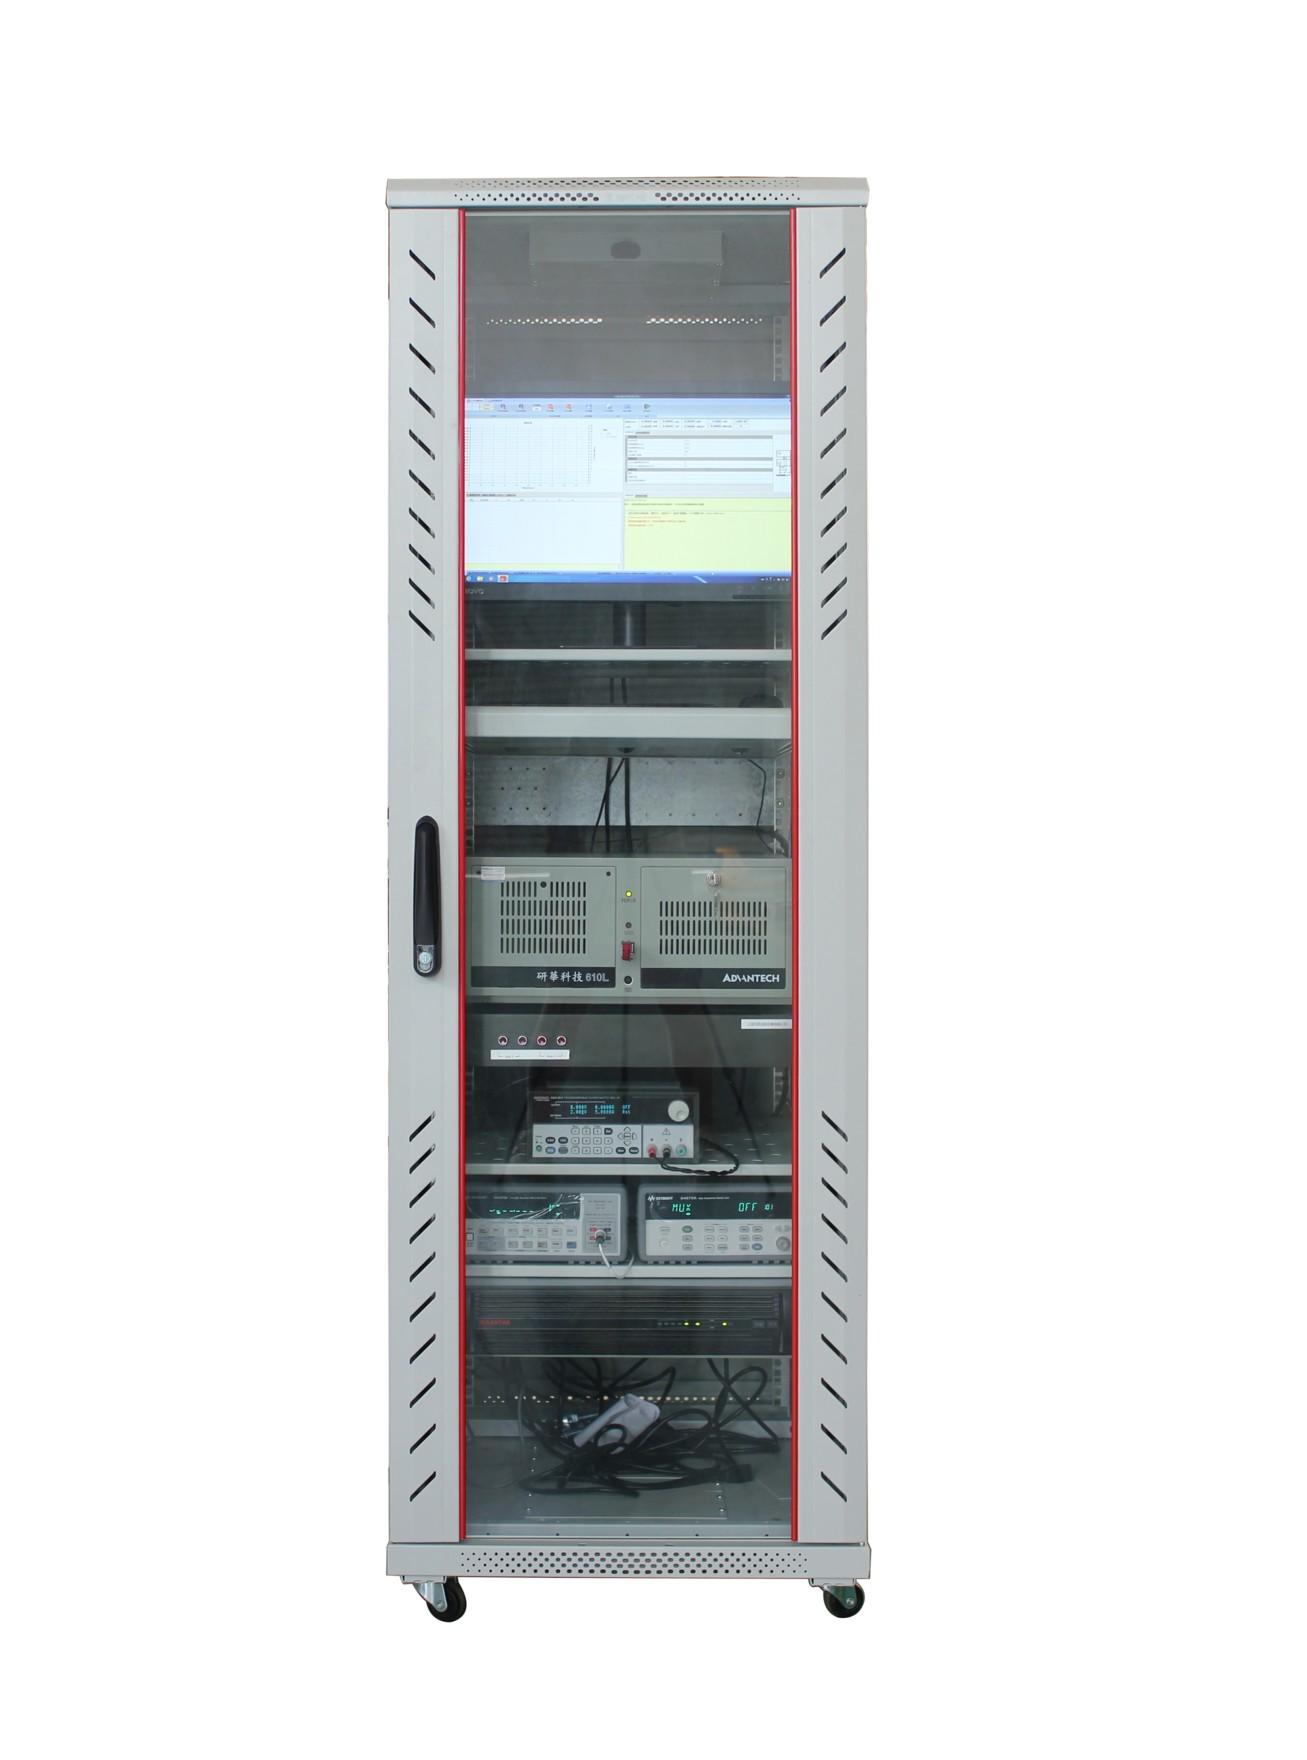 DCPD裂紋擴展測量系統